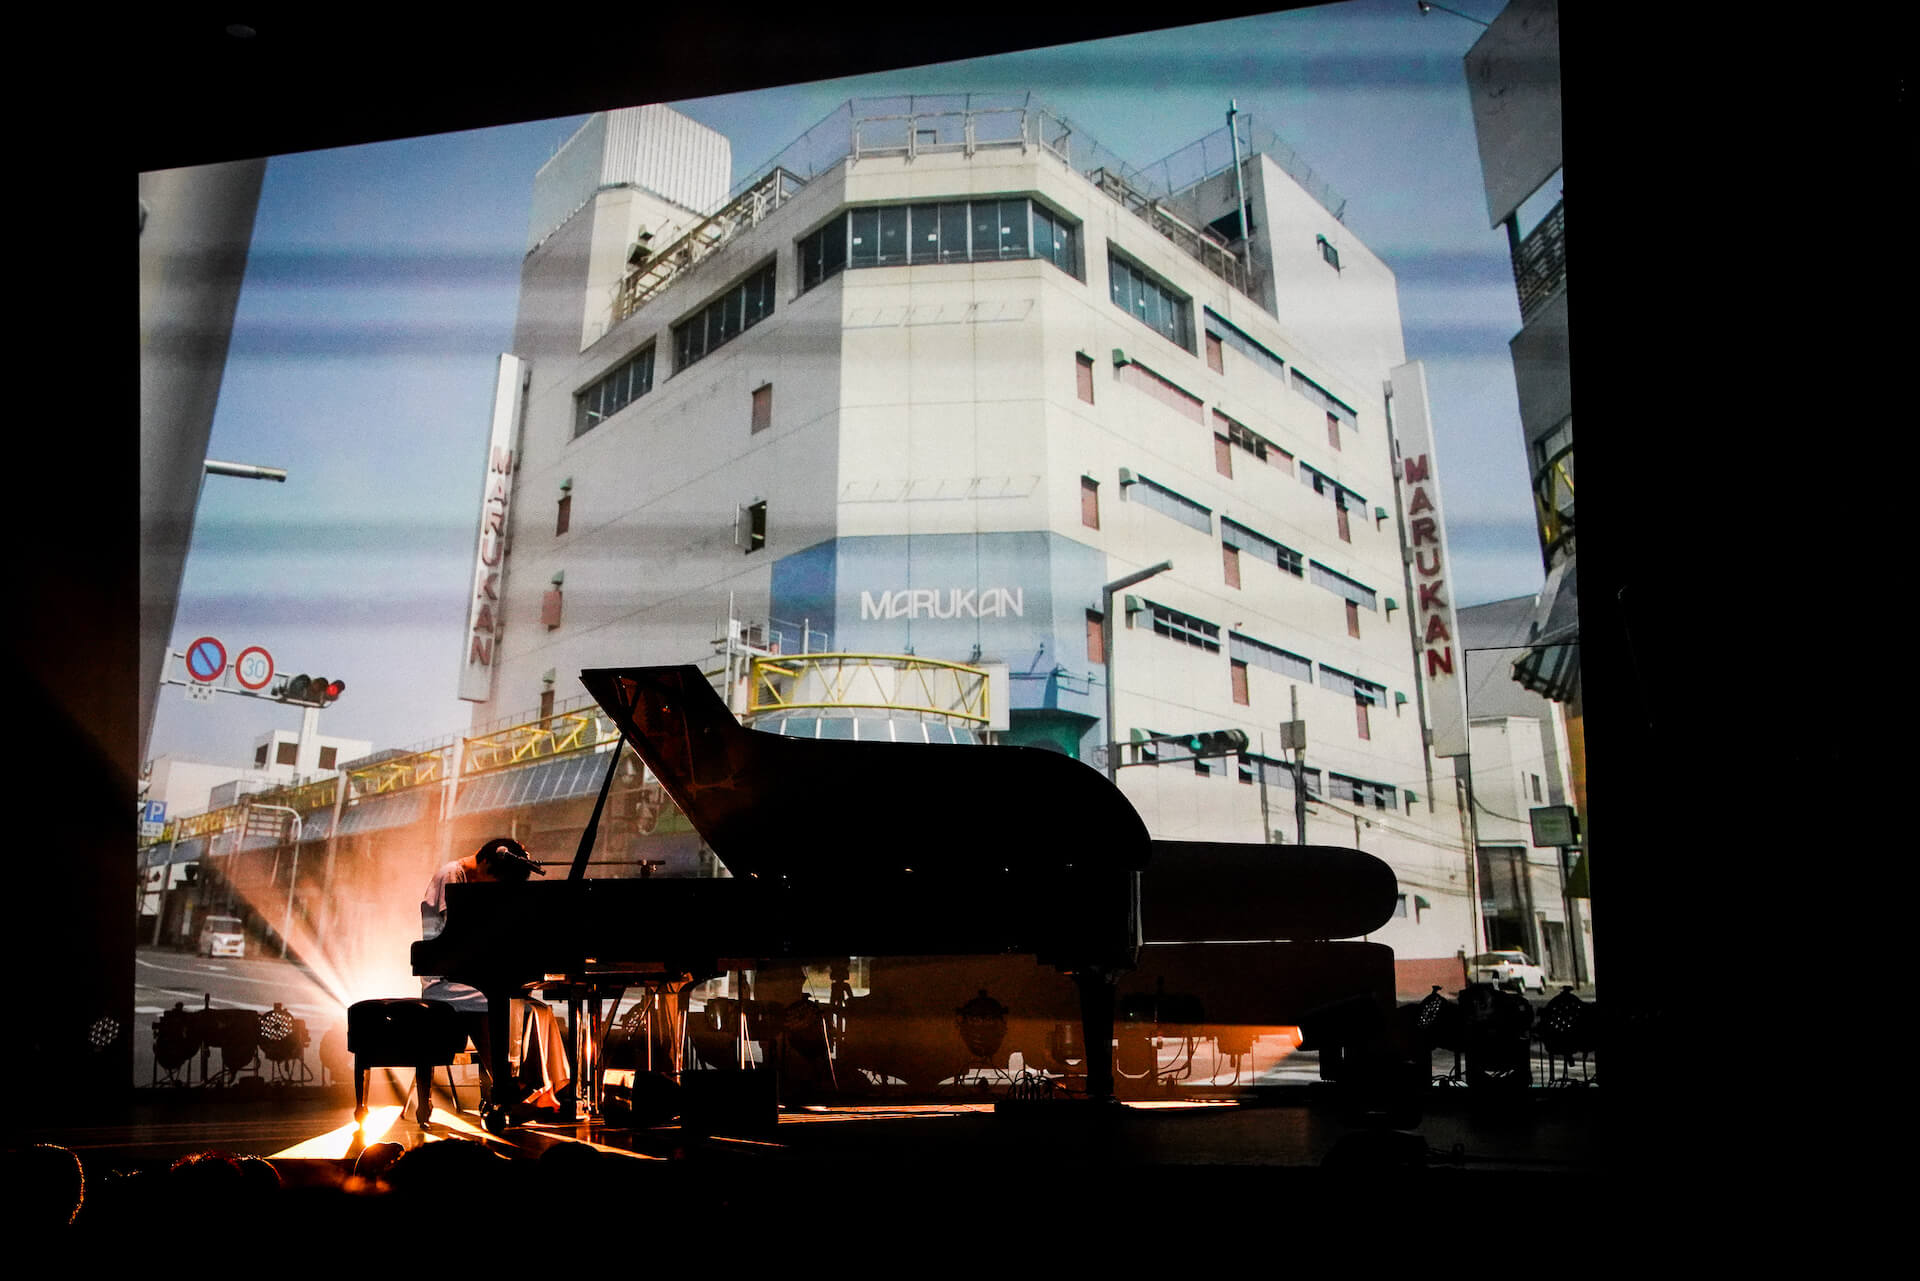 「また馬鹿な僕らで会おうぜ」━━日食なつこが1年4ヶ月ぶりの有観客ライブで魅せた<白亜>という新時代 column210712_nisshoku-natsuko-07